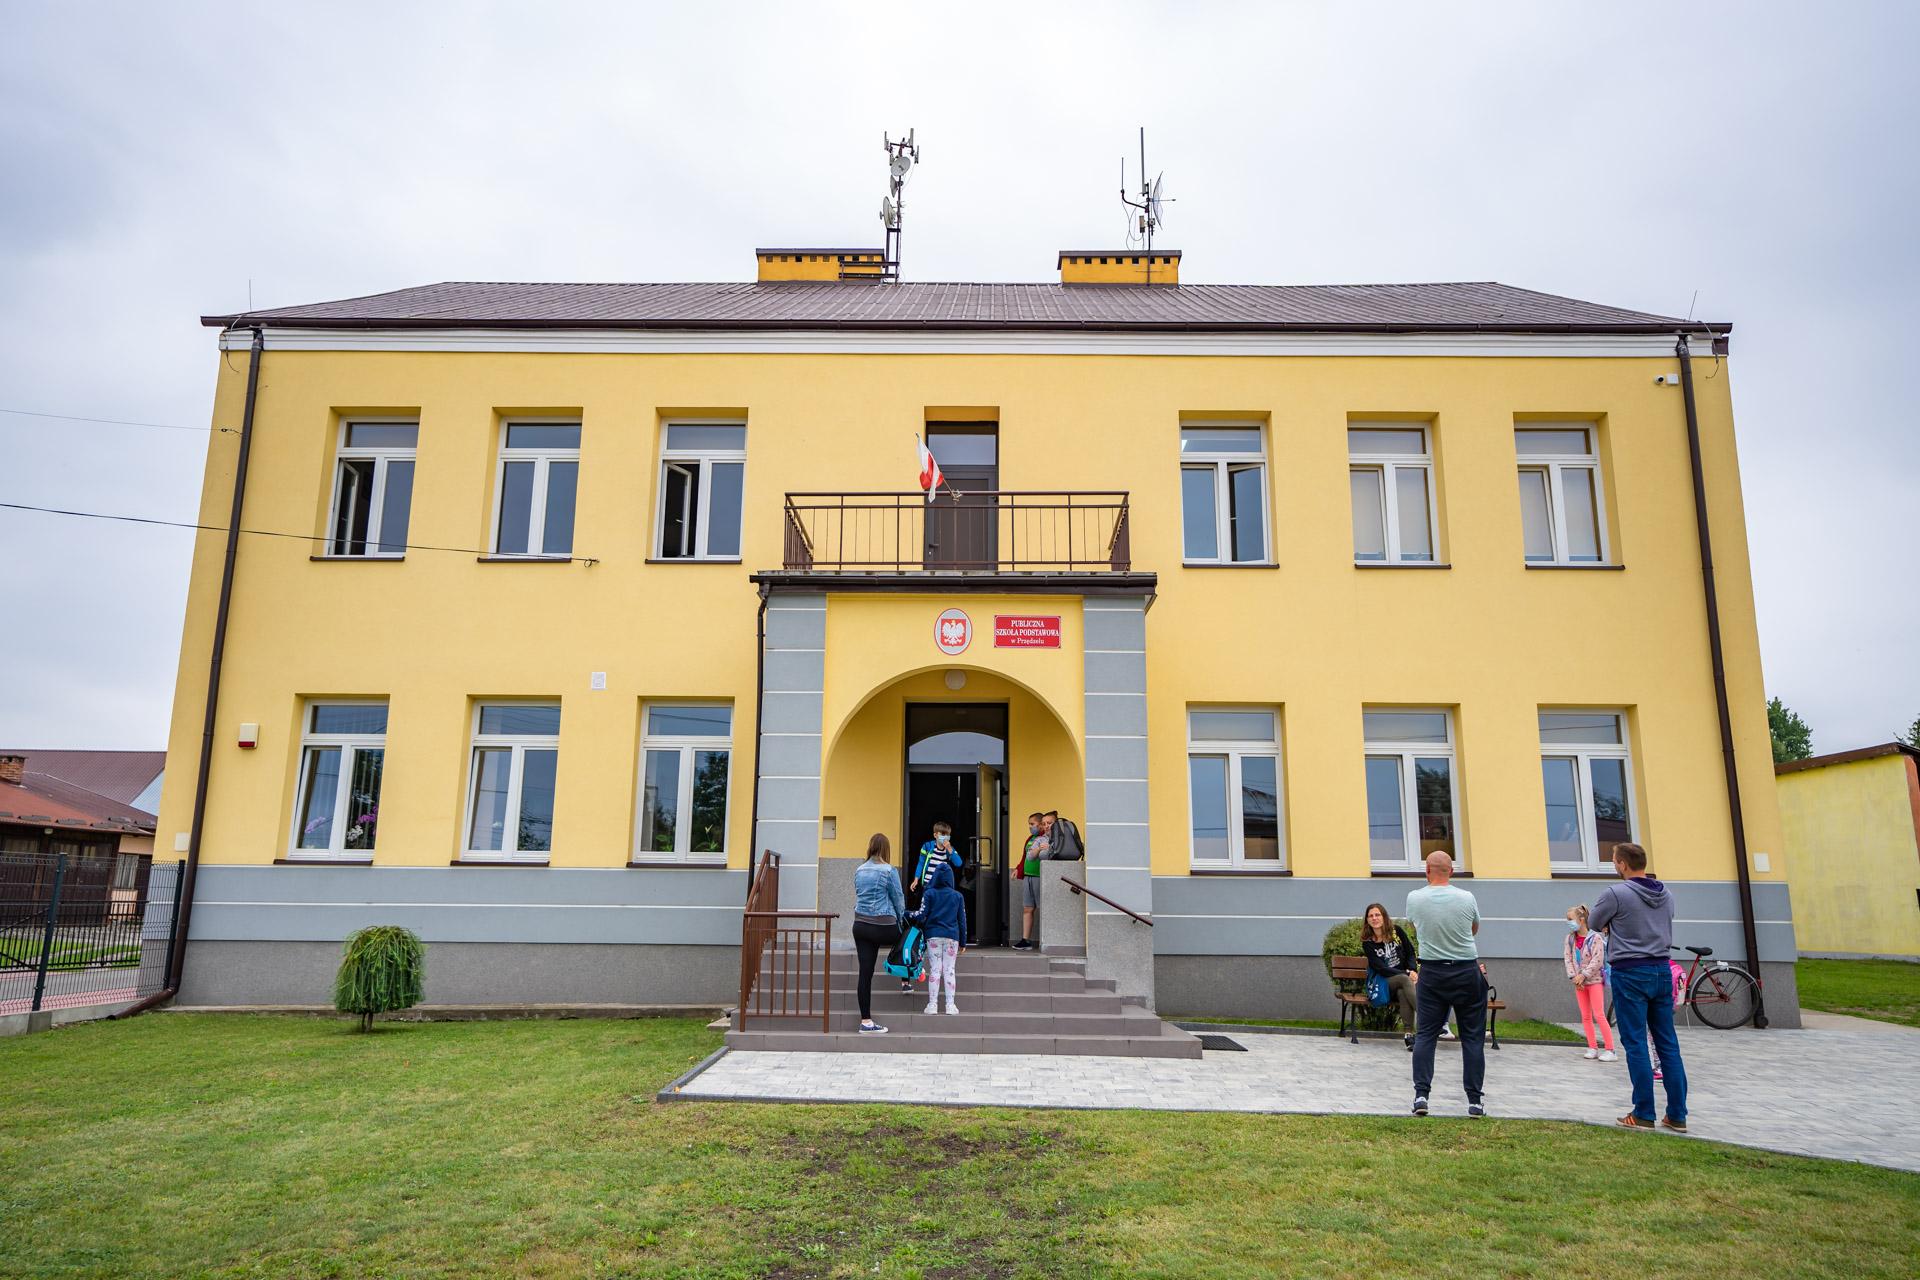 żóto-szary budynek szkoły. Przedszkoła inaschodach młodzież idorośli